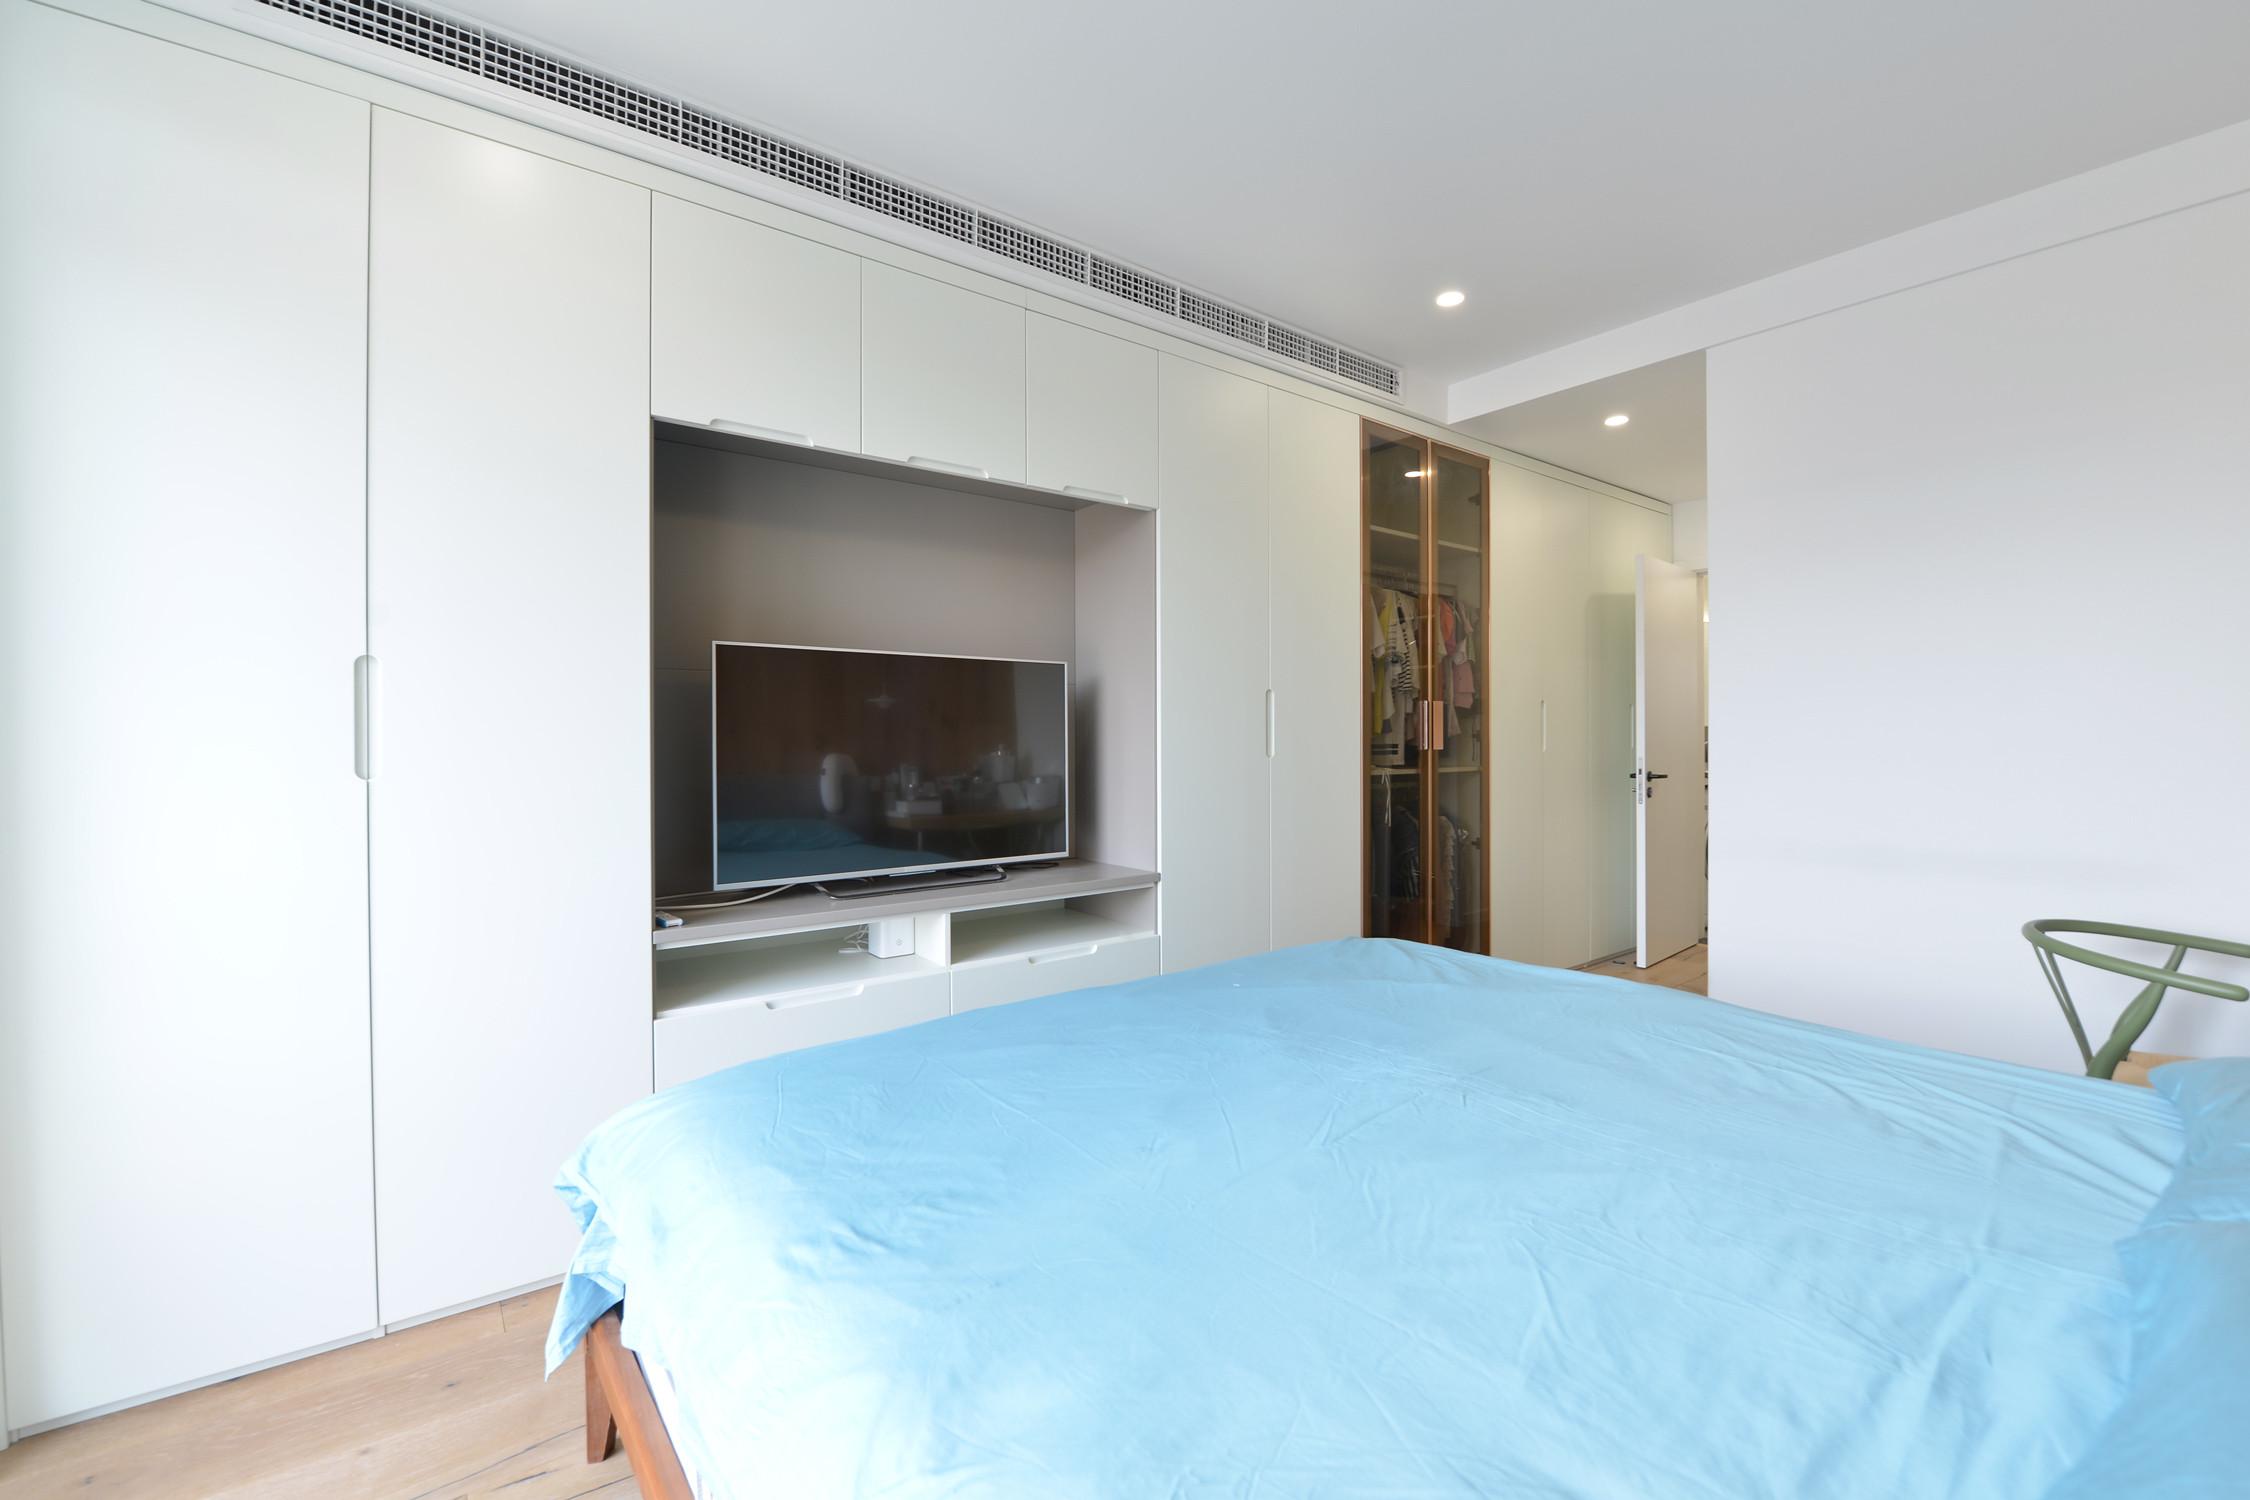 二居室北欧风格家电视柜图片